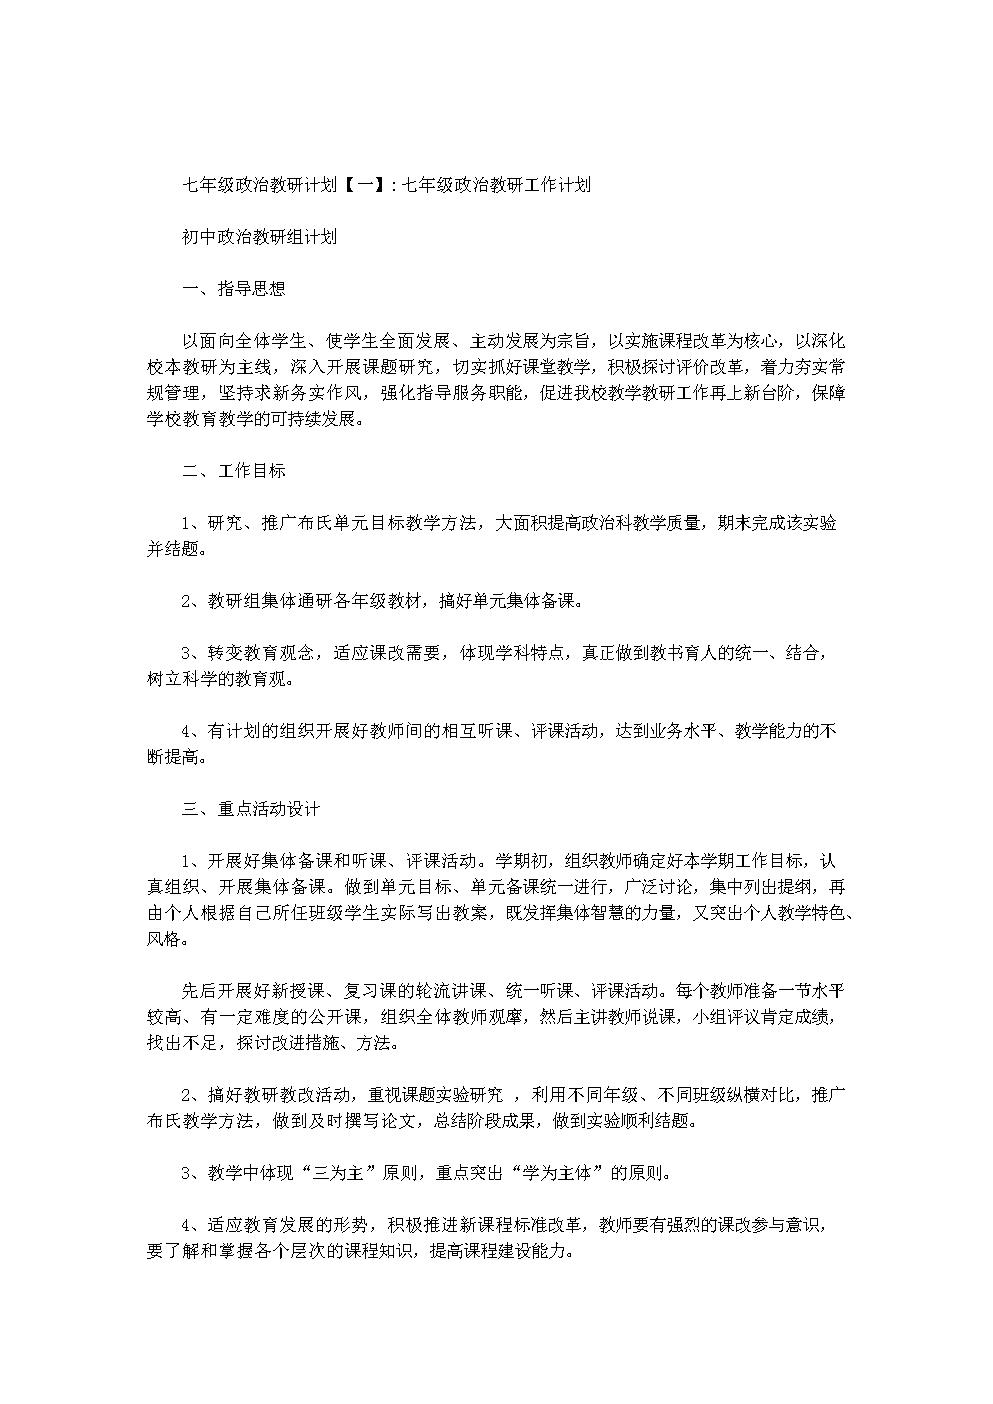 七年级政治教研计划.doc